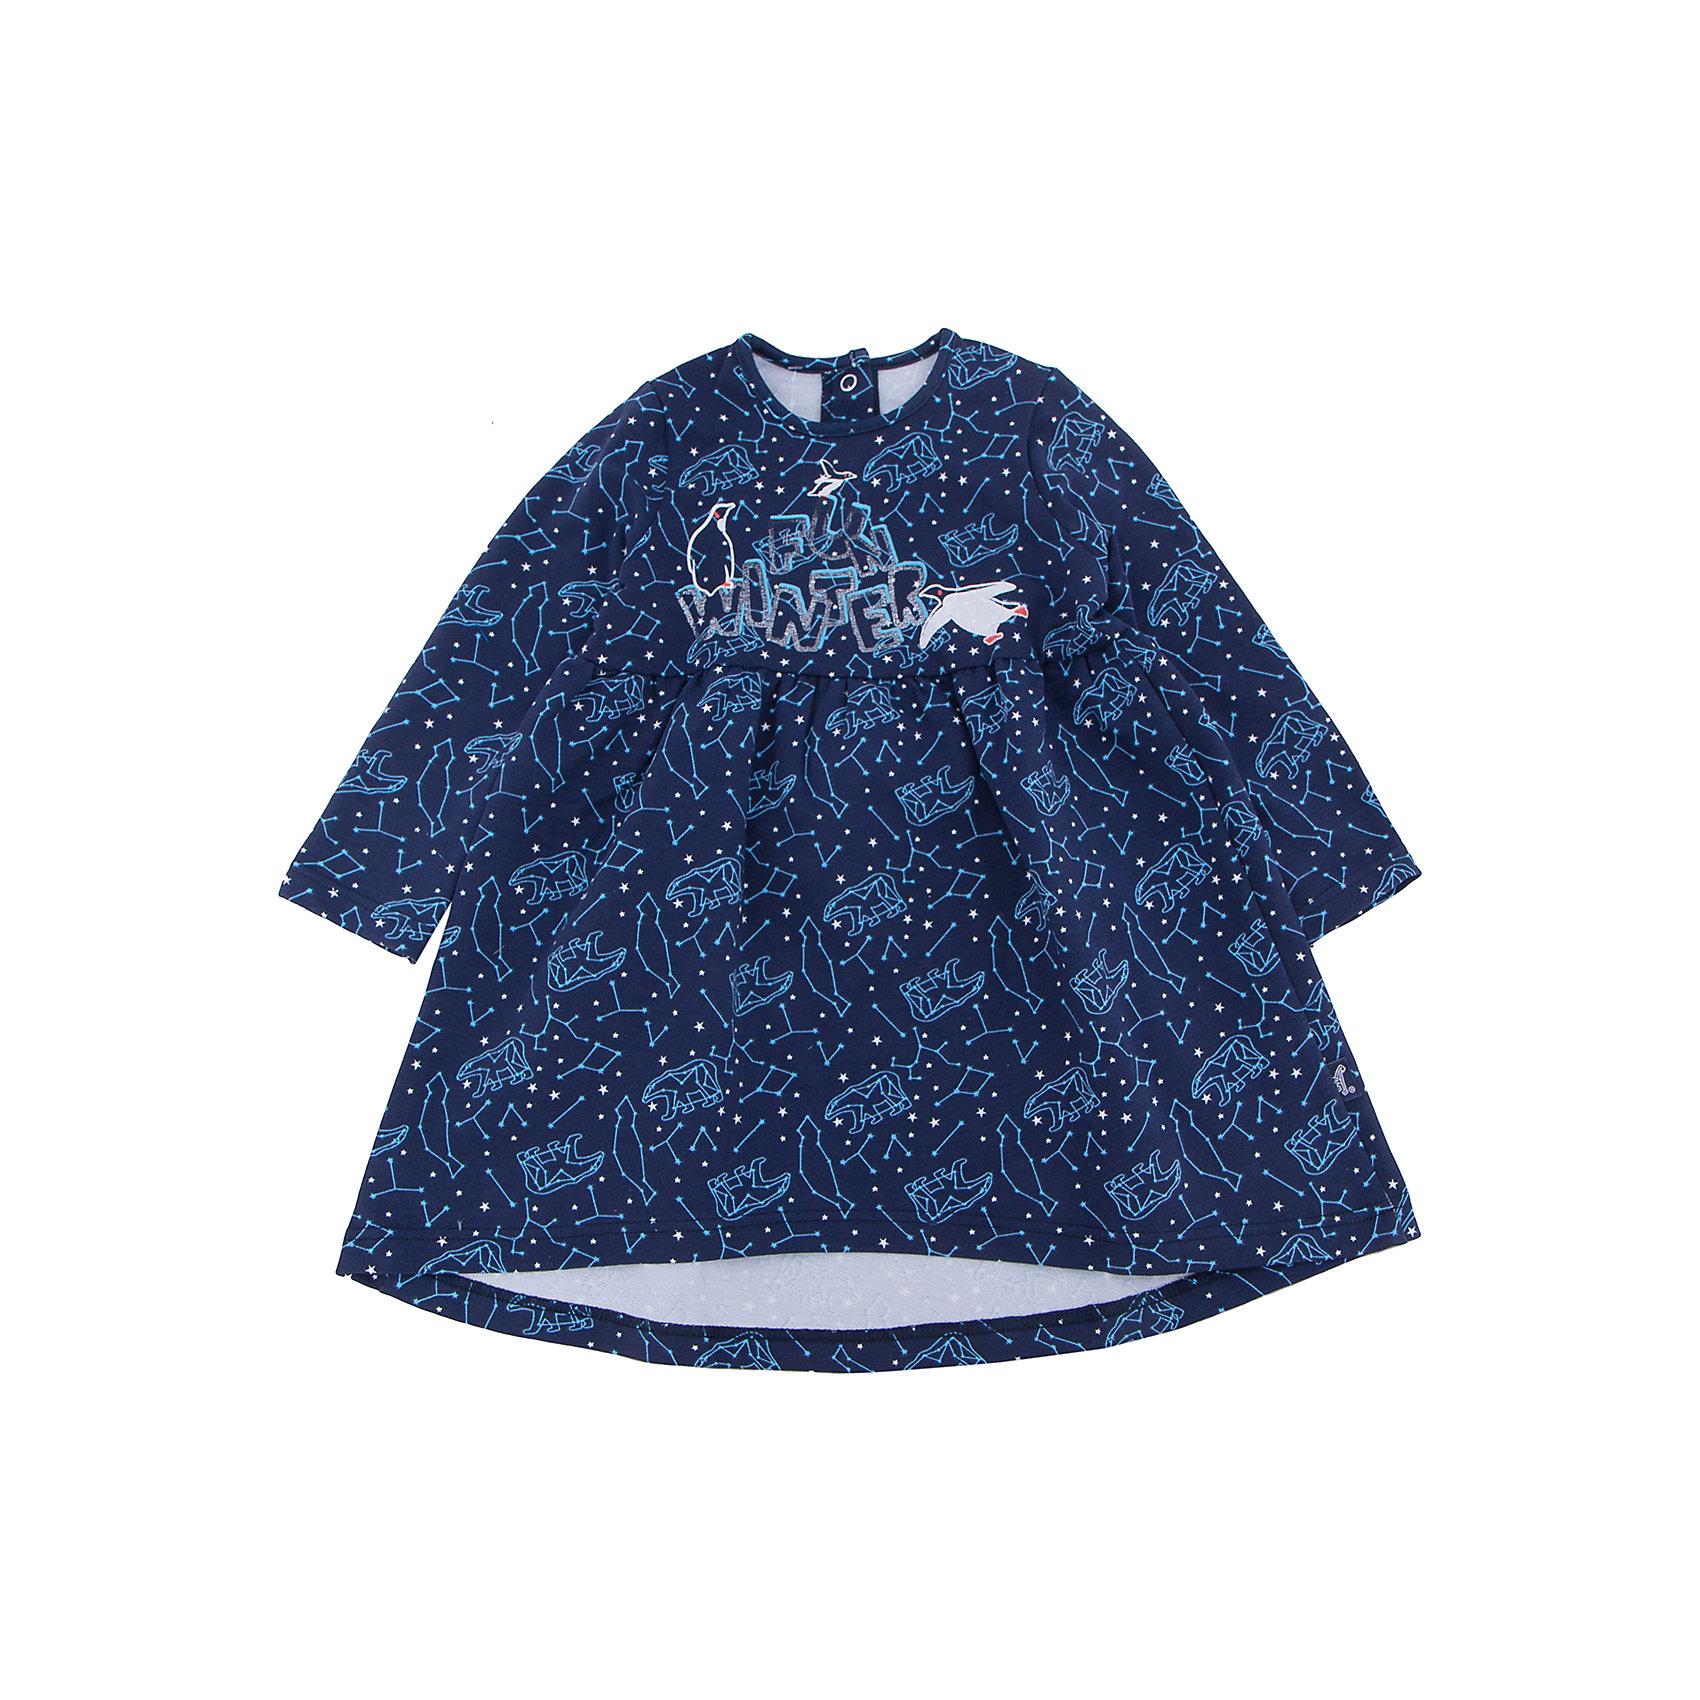 Платье для девочки АпрельПлатья и сарафаны<br>Платье для девочки от известного бренда Апрель.<br><br>Состав:<br>хлопок 95% + лайкра 5%<br><br>Ширина мм: 236<br>Глубина мм: 16<br>Высота мм: 184<br>Вес г: 177<br>Цвет: синий<br>Возраст от месяцев: 36<br>Возраст до месяцев: 48<br>Пол: Женский<br>Возраст: Детский<br>Размер: 86,92,98,110,104,116<br>SKU: 5173299